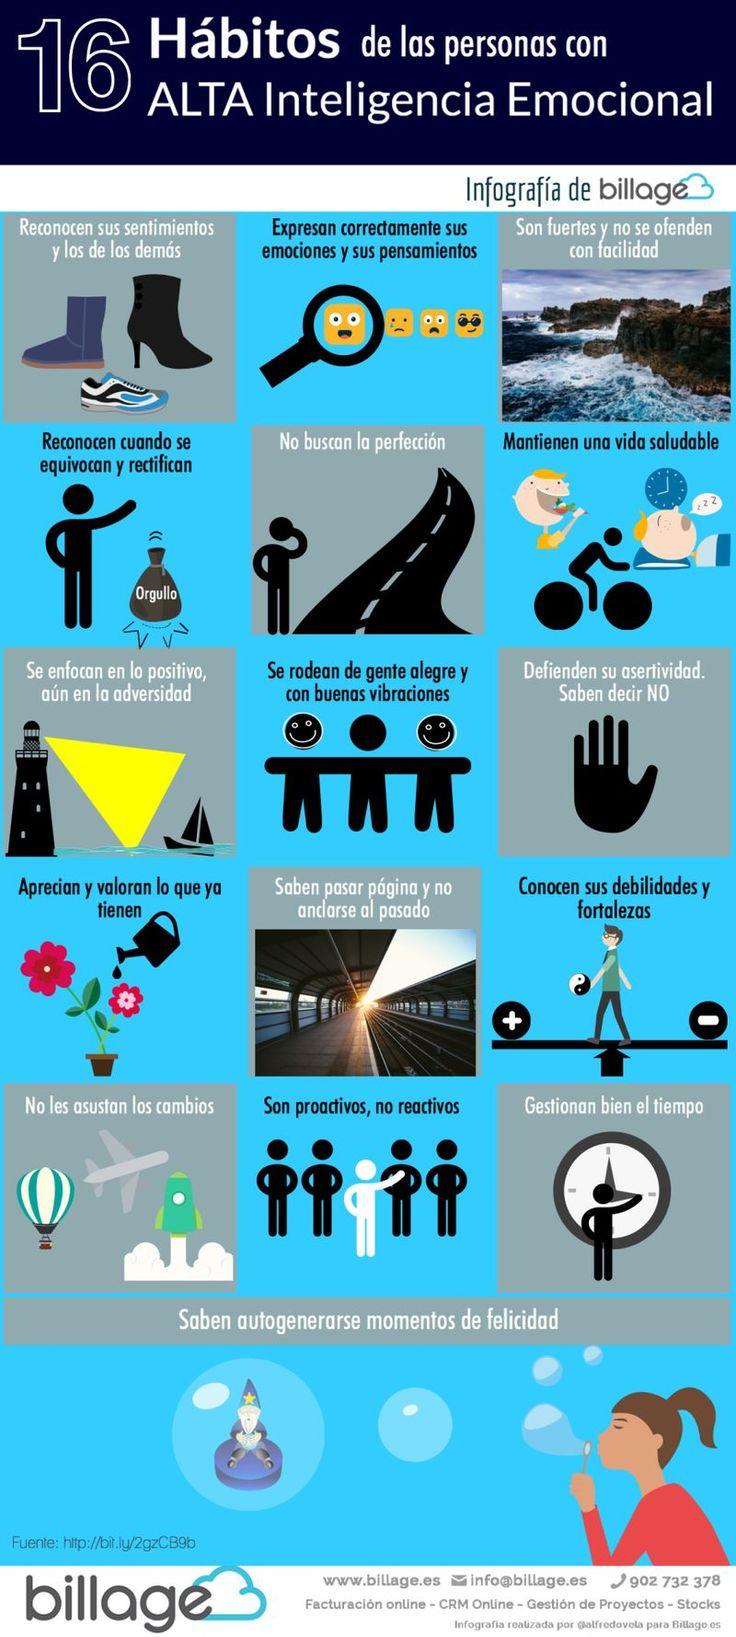 En esta ocasión vamos a descubrir cuáles son los 16 hábitos o aspectos comunes que comparten las personas con una gran Inteligencia Emocional.